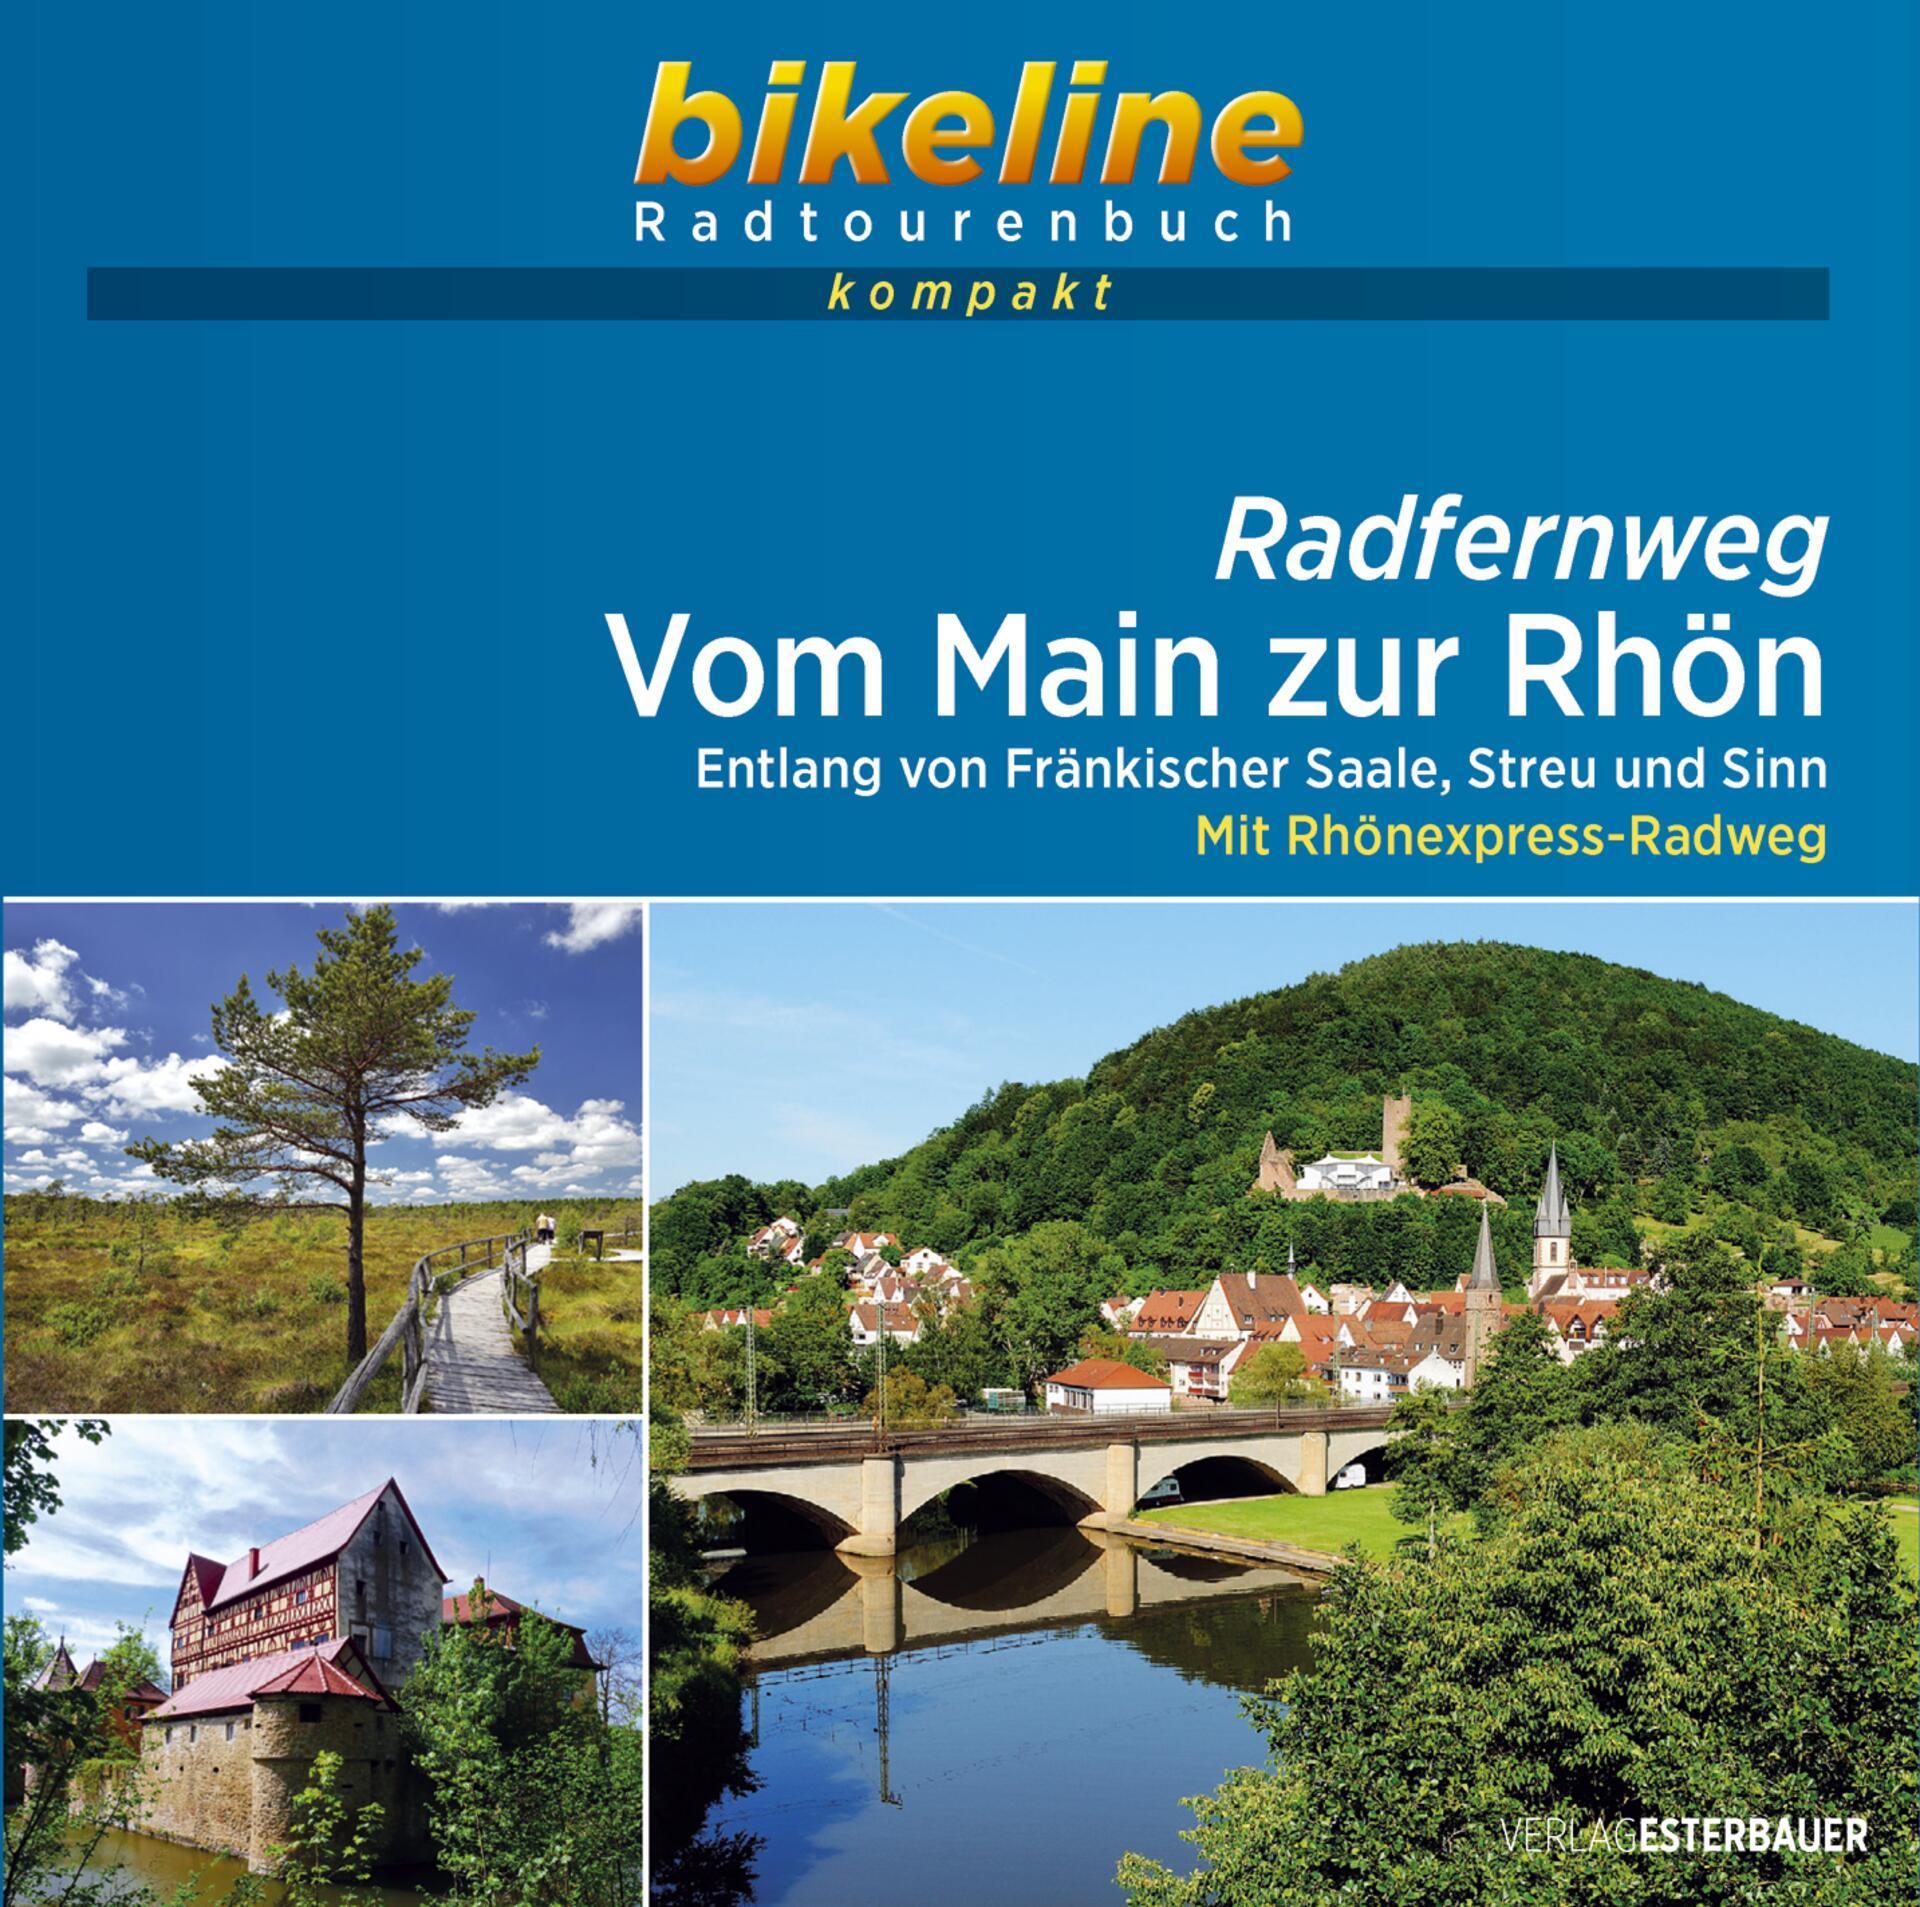 Foto vom Radfernweg Vom Main zur Rhön